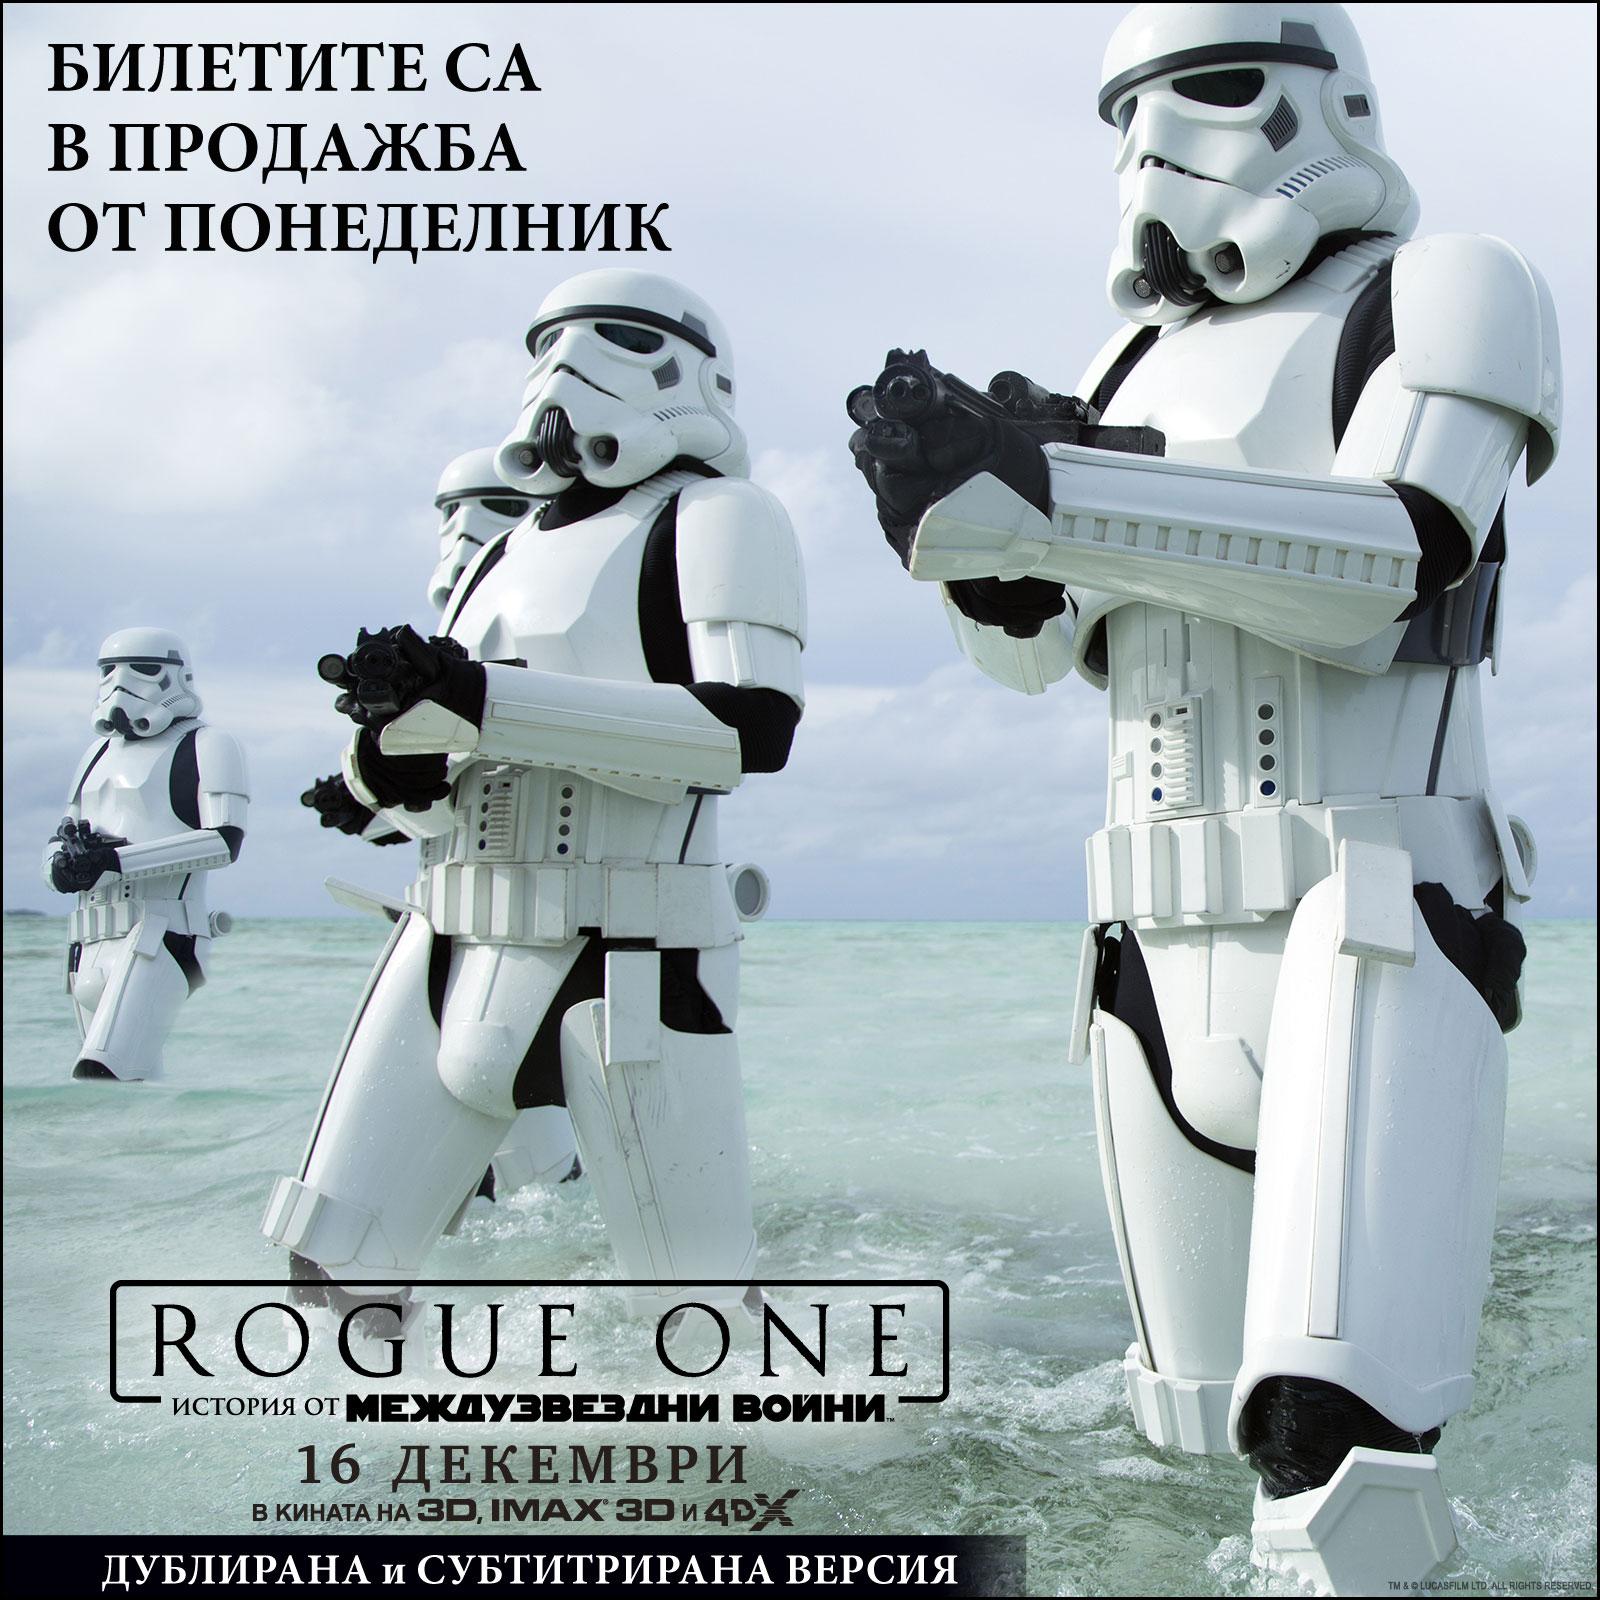 rogue-one-biletite-sa-v-pordajba